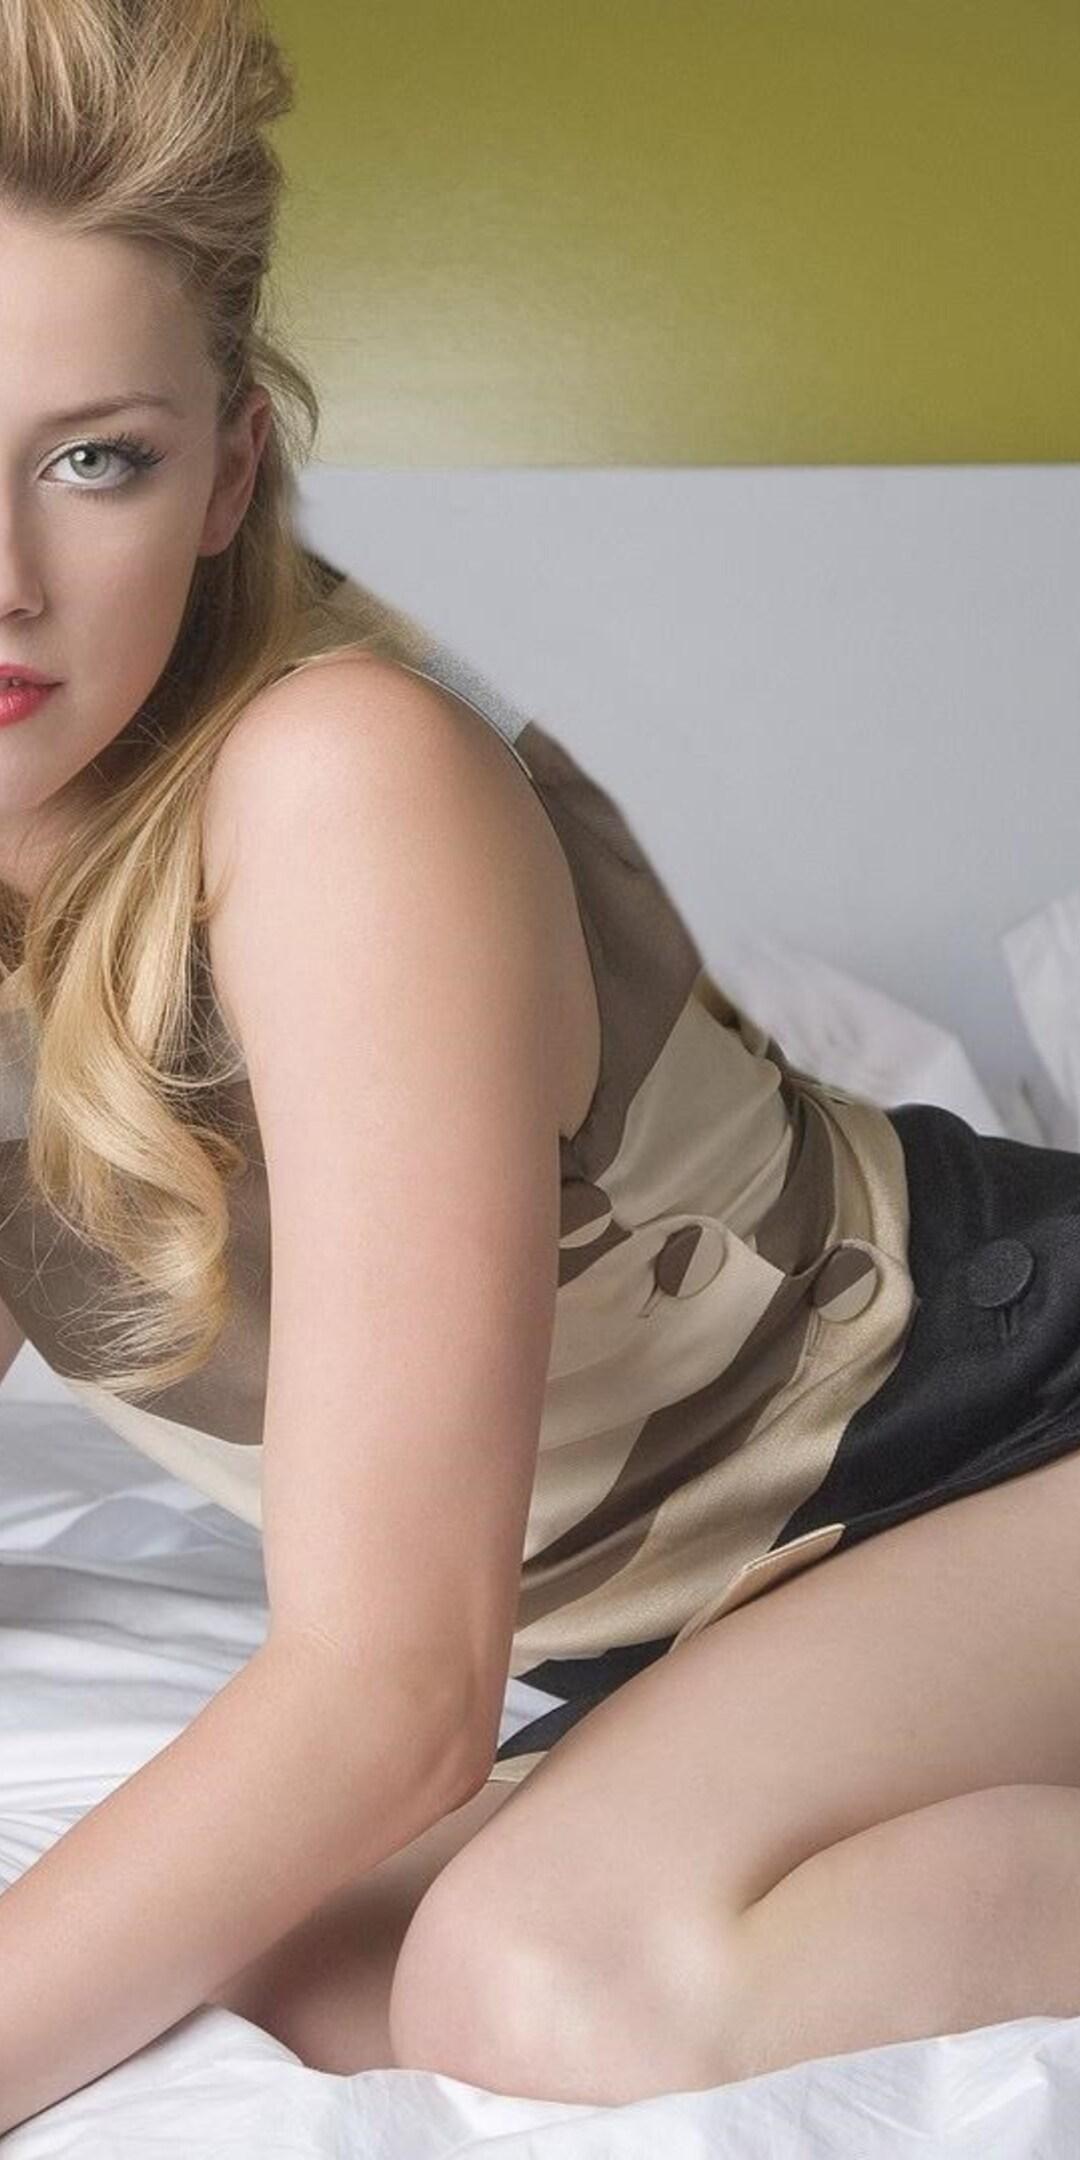 amber-heard-blonde-actress-qhd.jpg